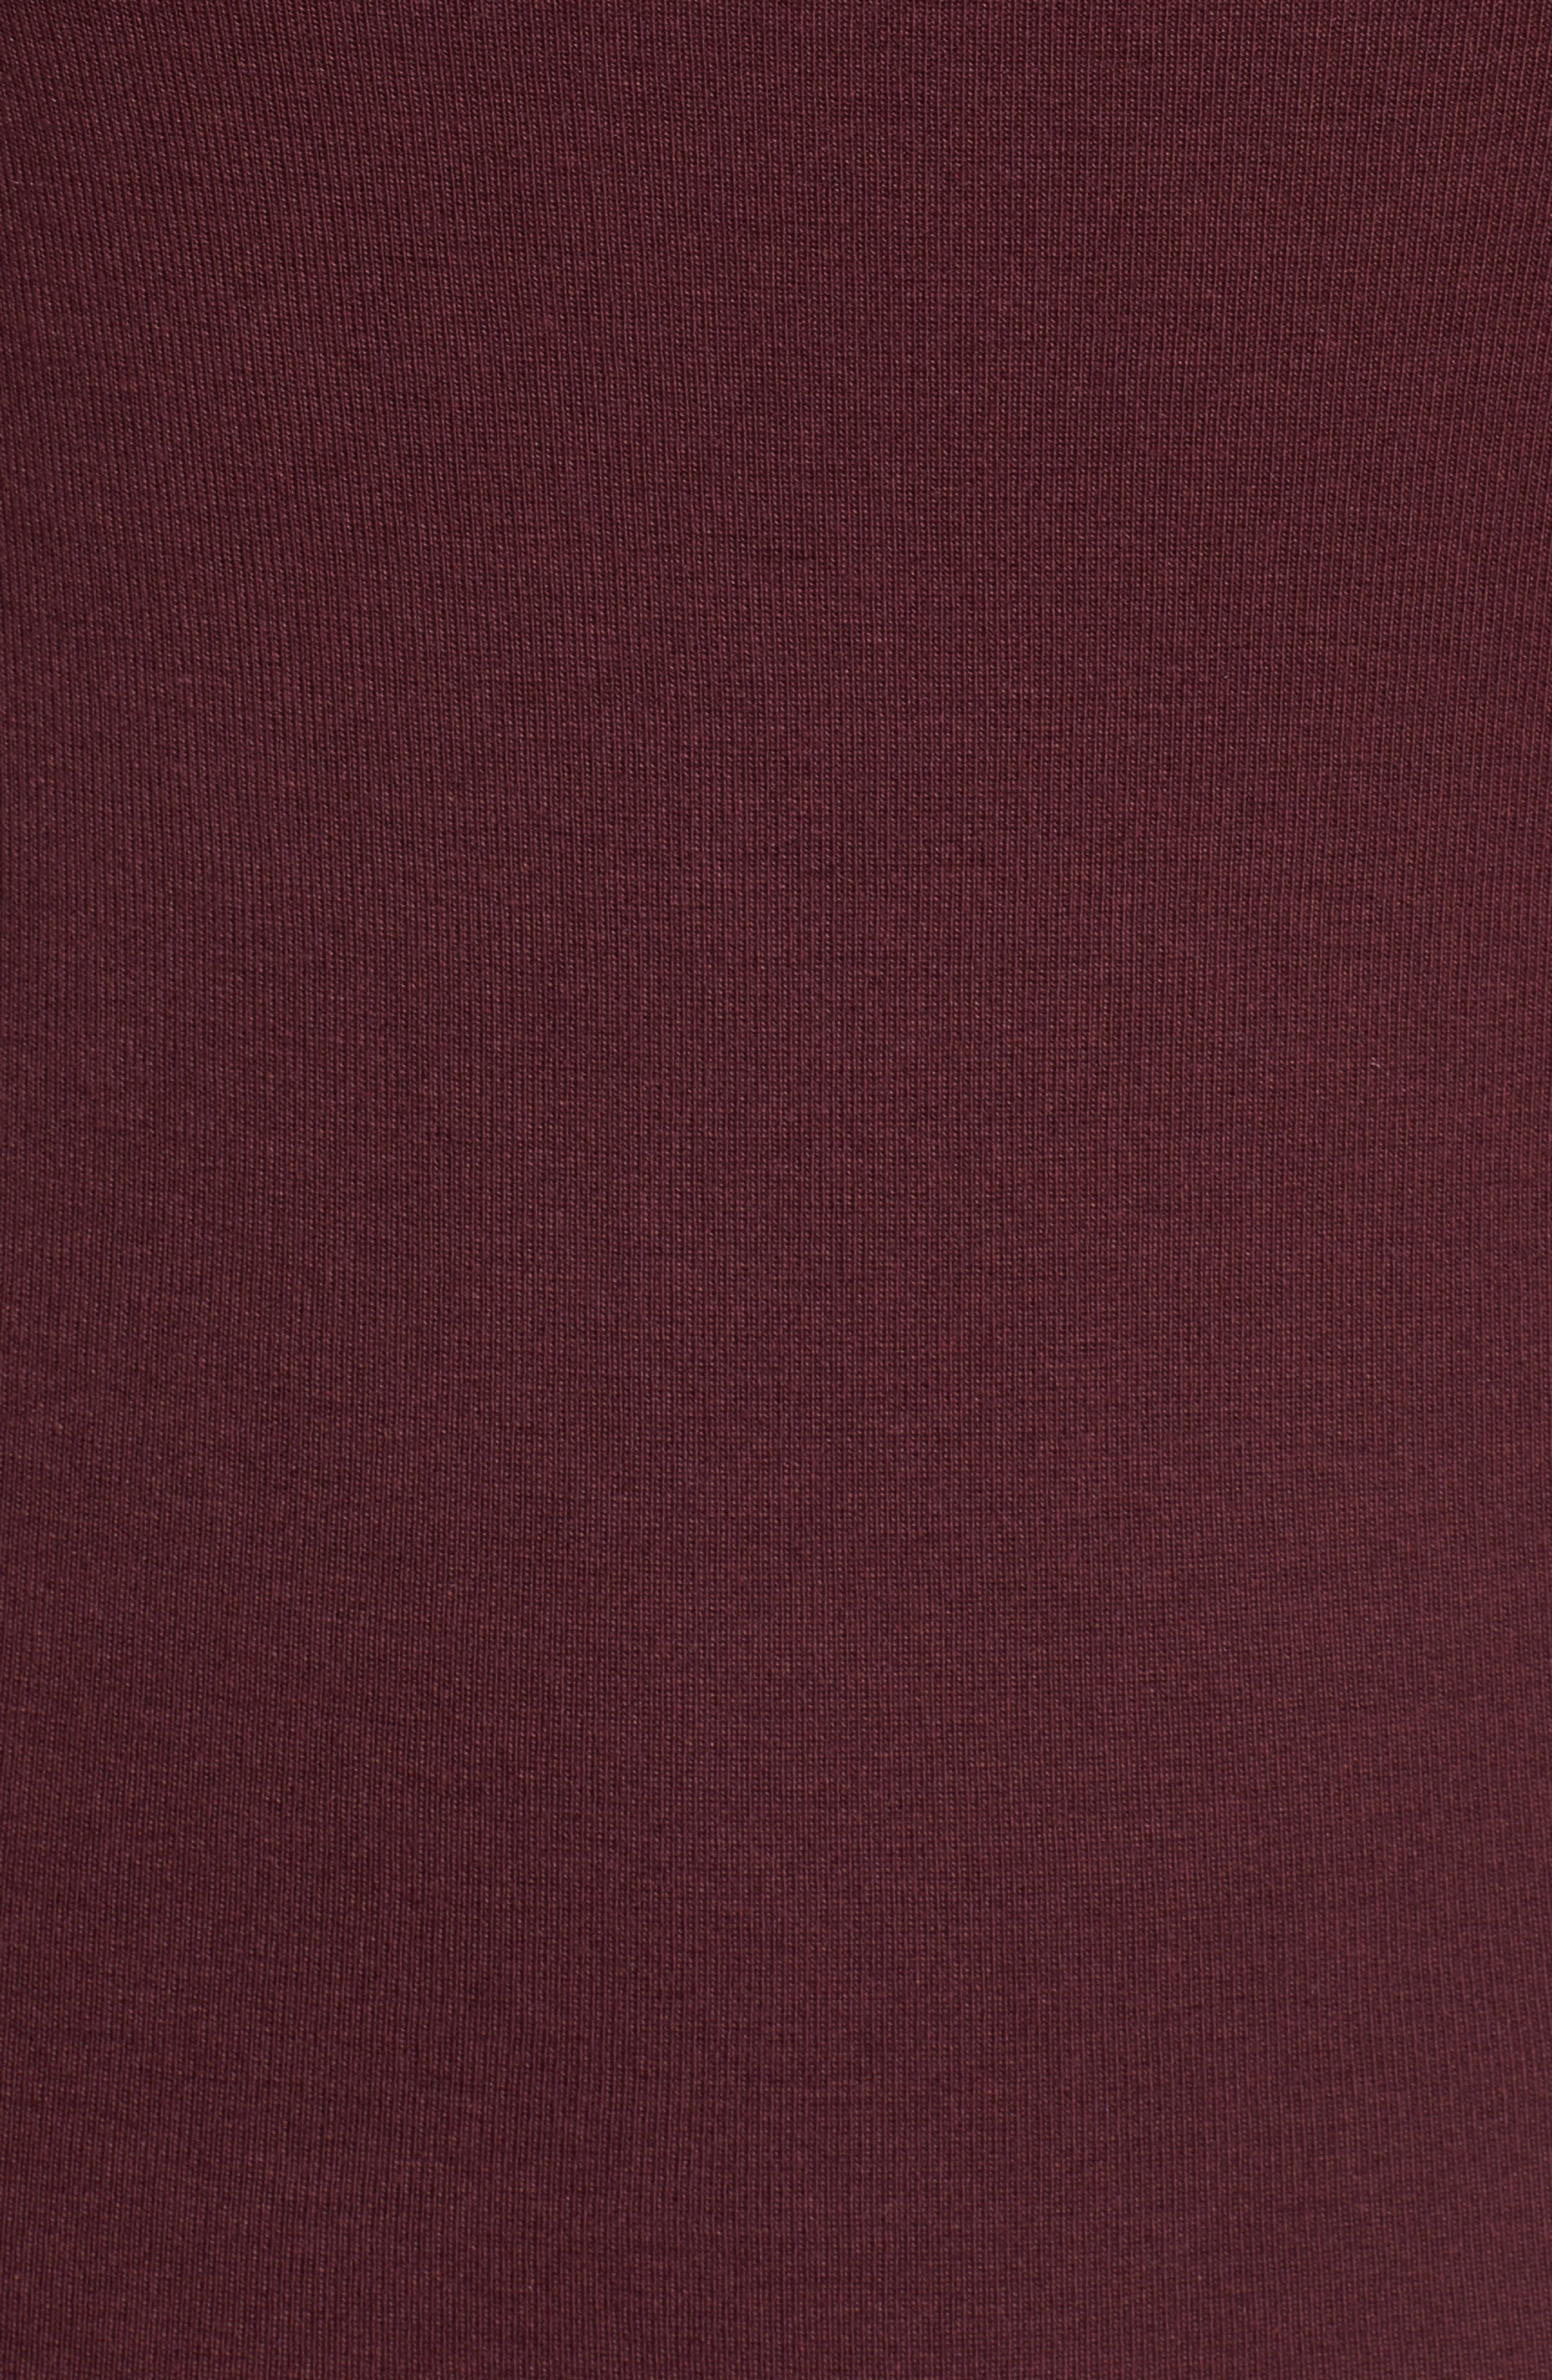 Three Quarter Sleeve Tee,                             Alternate thumbnail 110, color,